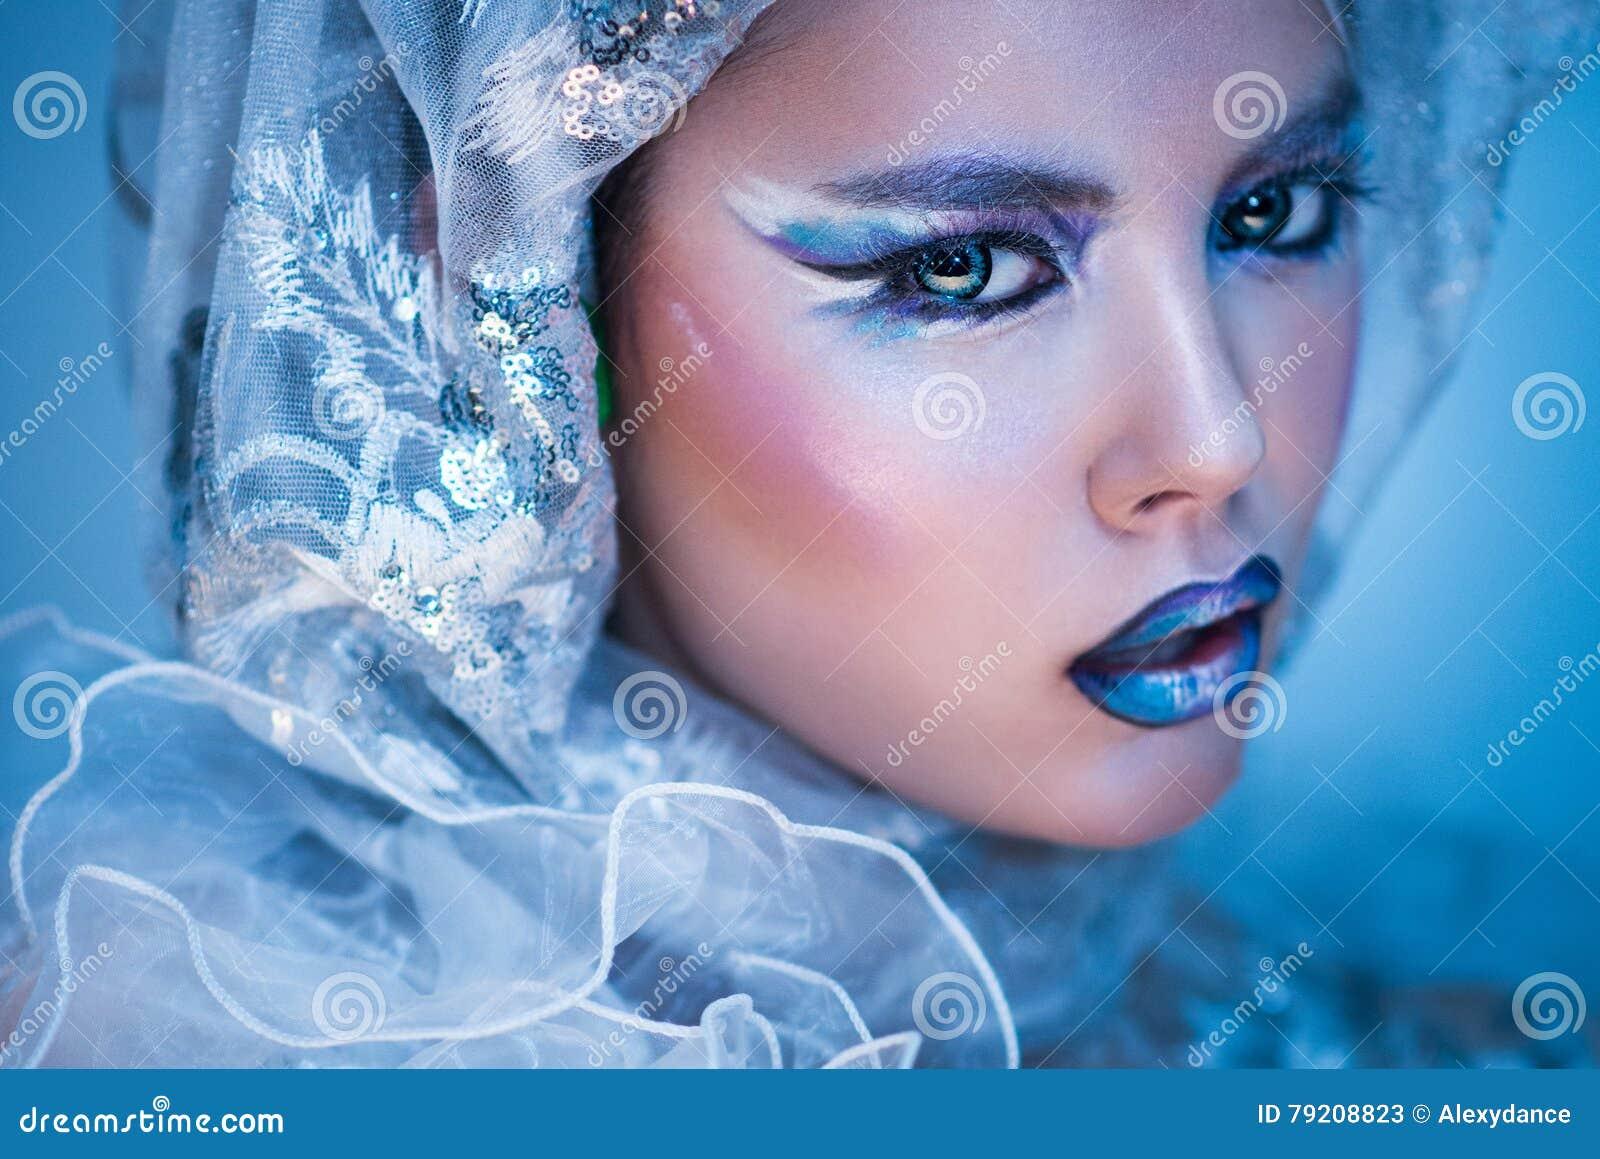 Femme de beauté d\u0027hiver Maquillage de fille de Noël Maquillage de beauté